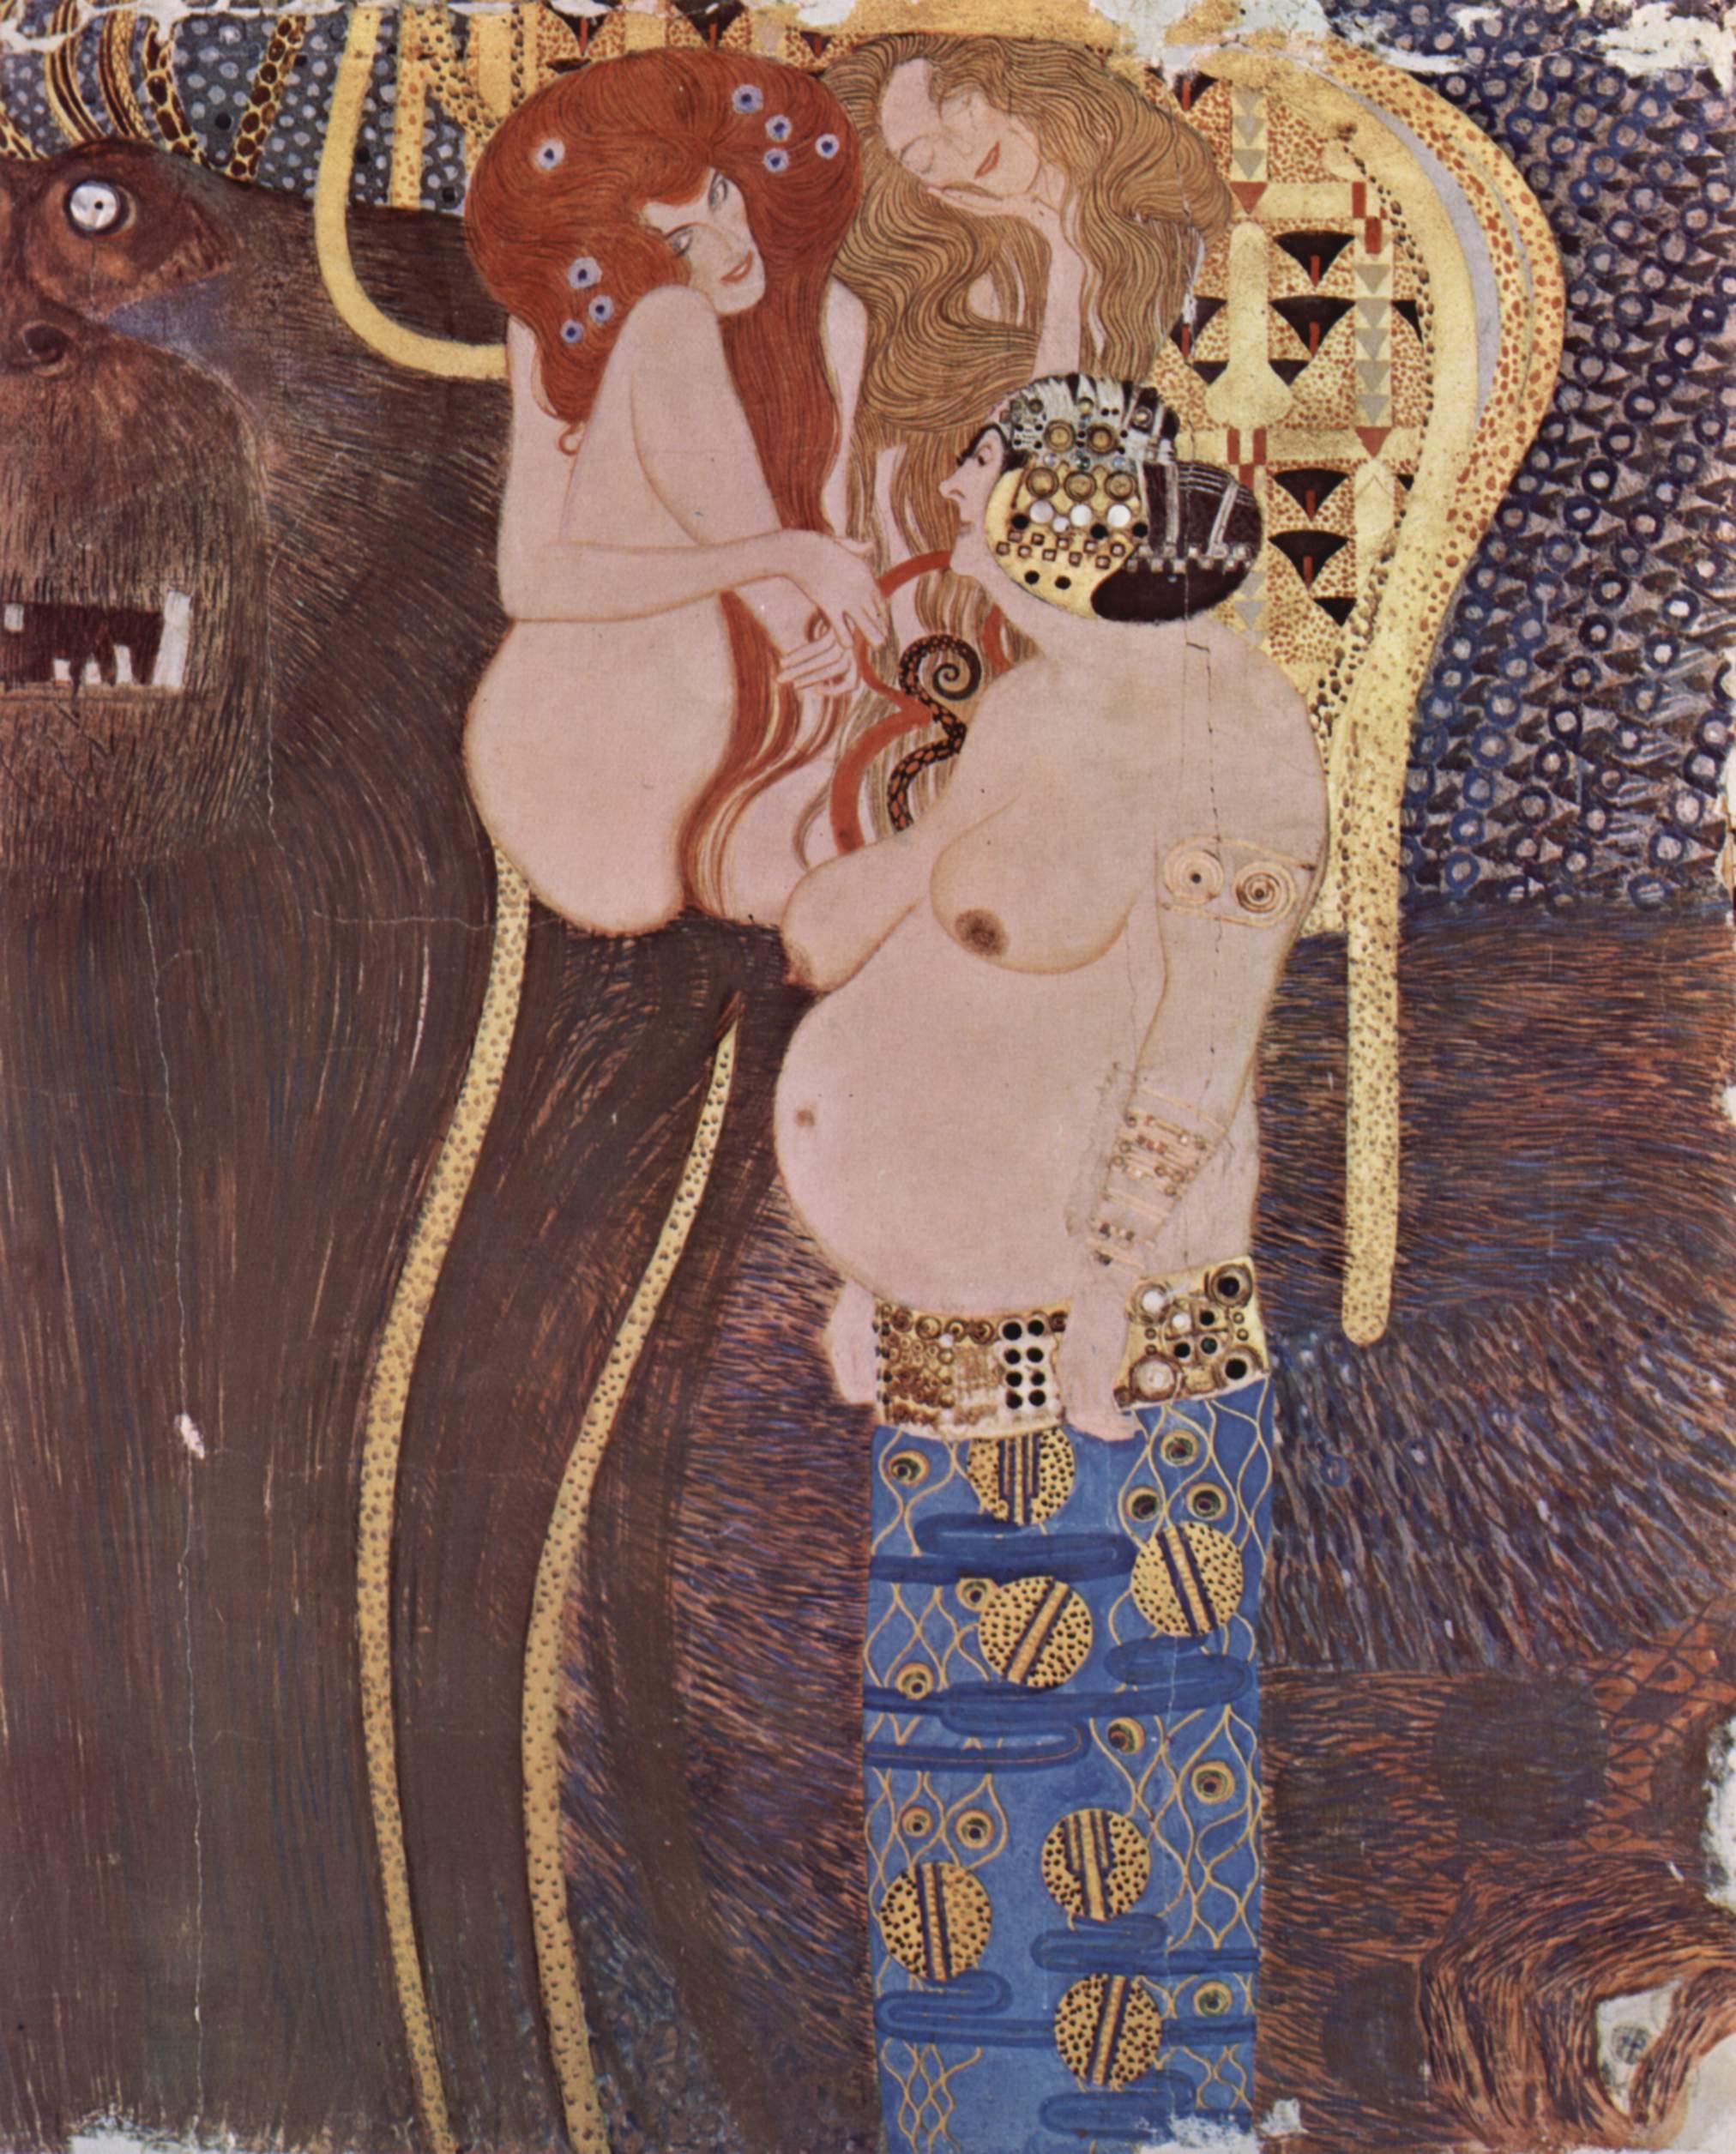 Бетховенский фриз, стенная роспись в Доме Сецессиона (Вена), ныне Австрийской галерее. Фрагмент, Климт Густав